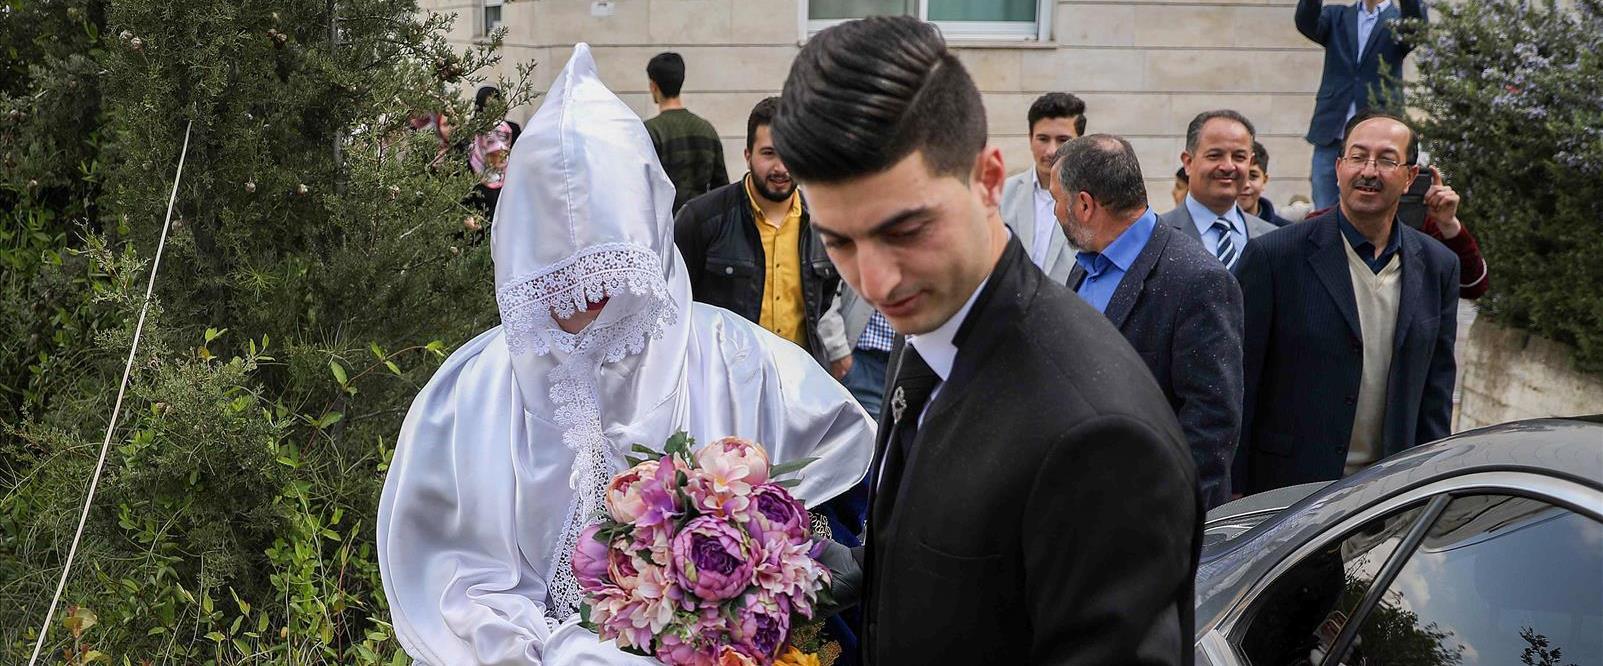 חתונה בחברון, 2020. למצולמים אין קשר לכתבה